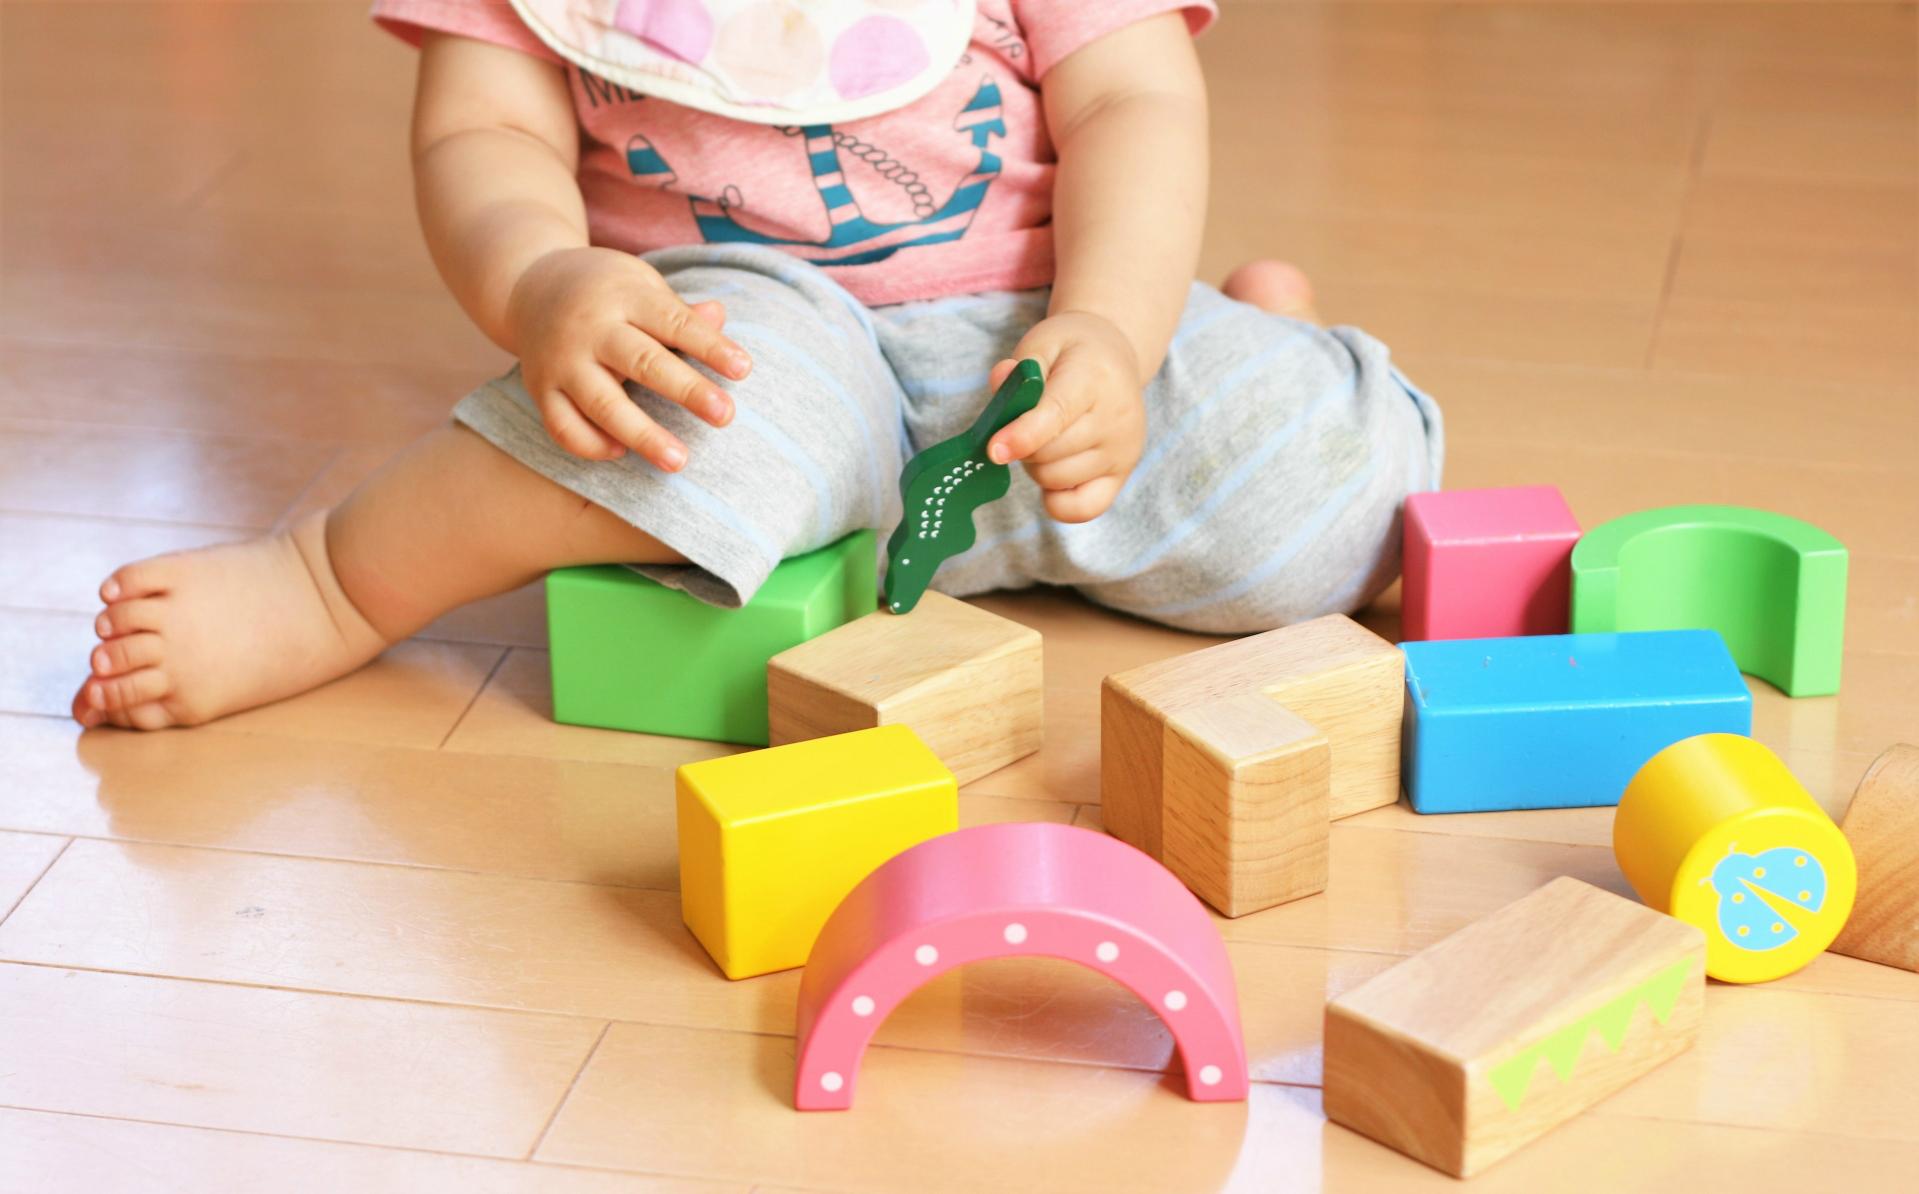 小規模保育園は、従来の保育所よりも保育の「質」が悪いのか?-園の規模や子ども対保育士比は、子どもの発育状況に関連しない